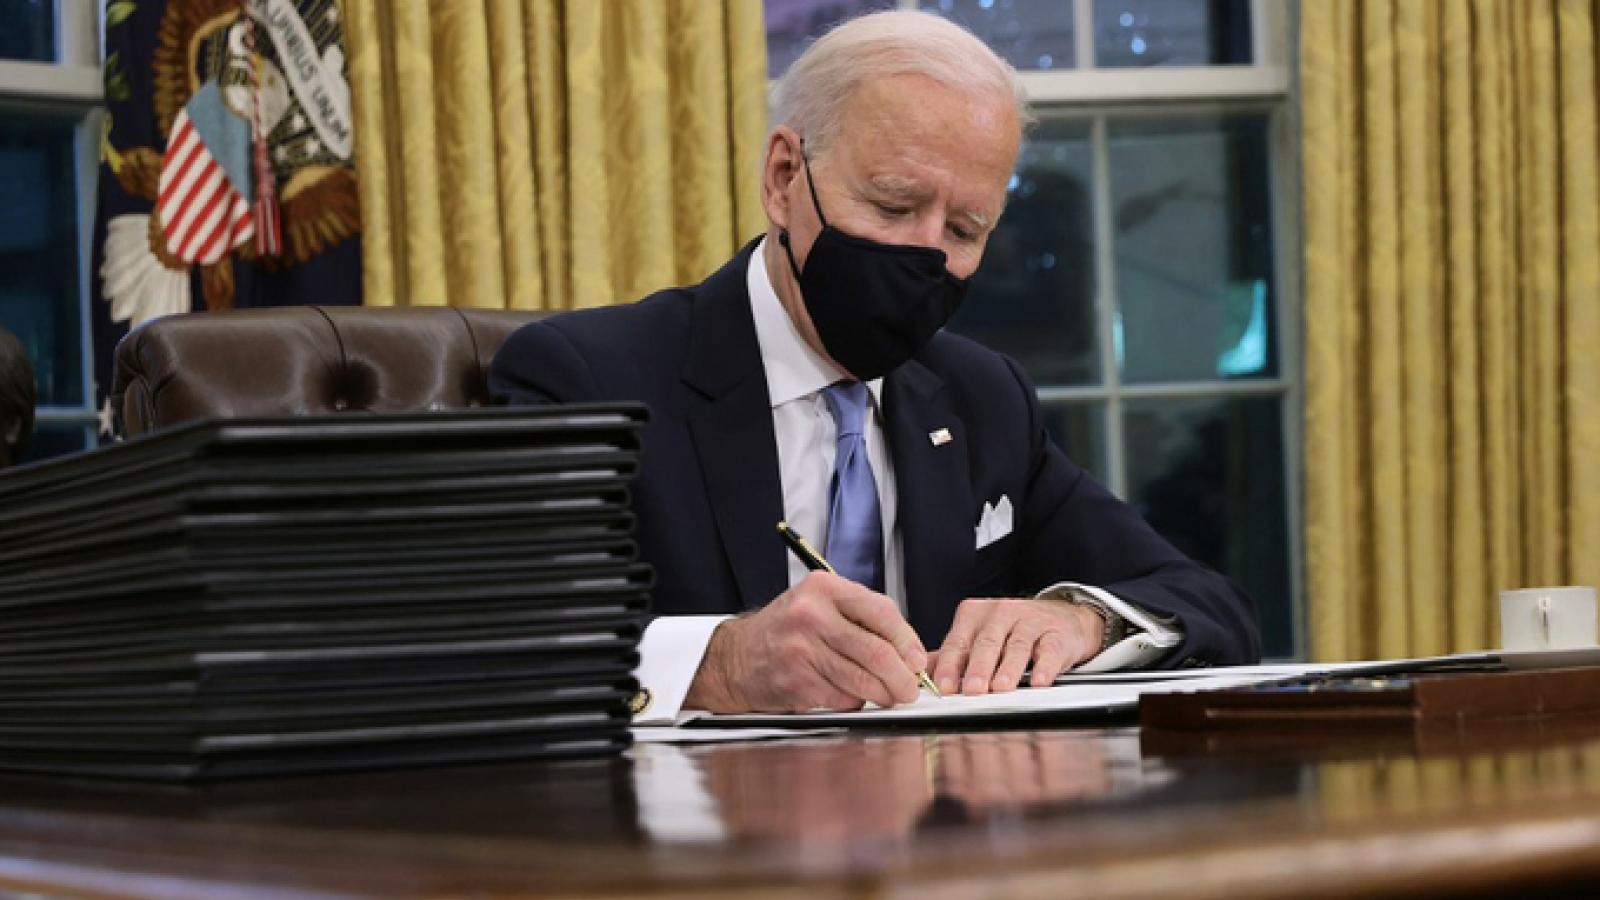 Video: Tân Tổng thống Mỹ Biden đặt bút ký những sắc lệnh hành pháp đầu tiên